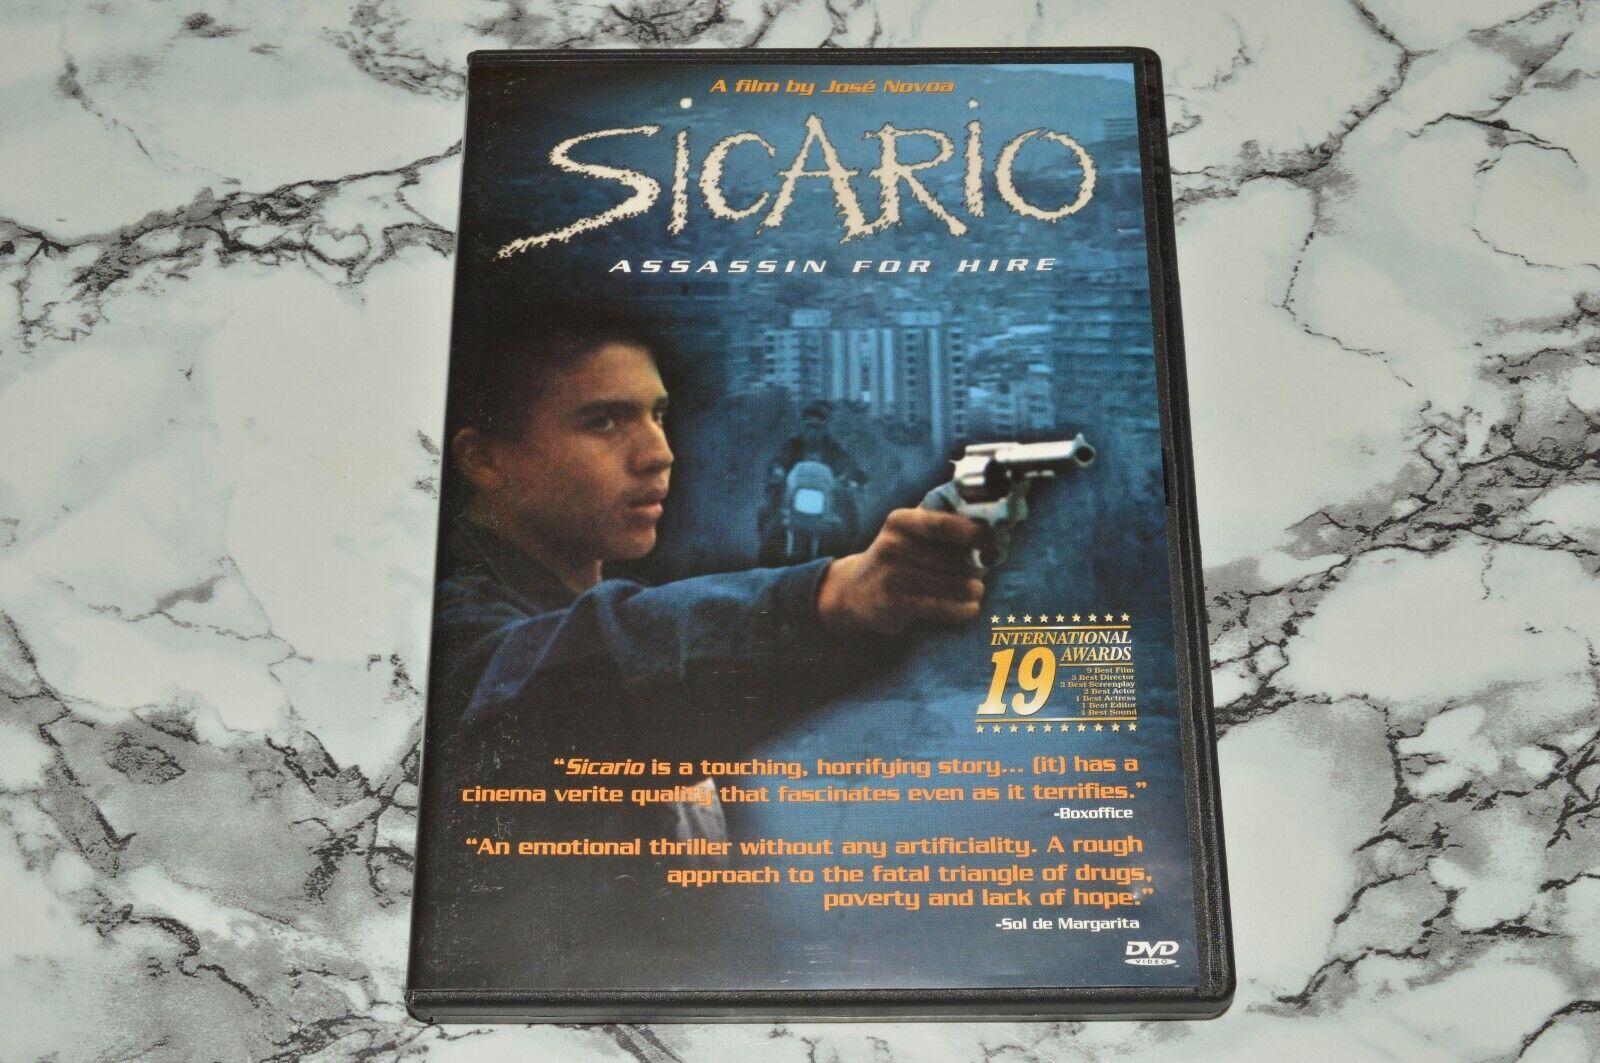 Sicario - Assassin For Hire - A Film By Jose Novoa DVD, 2003  - $12.68